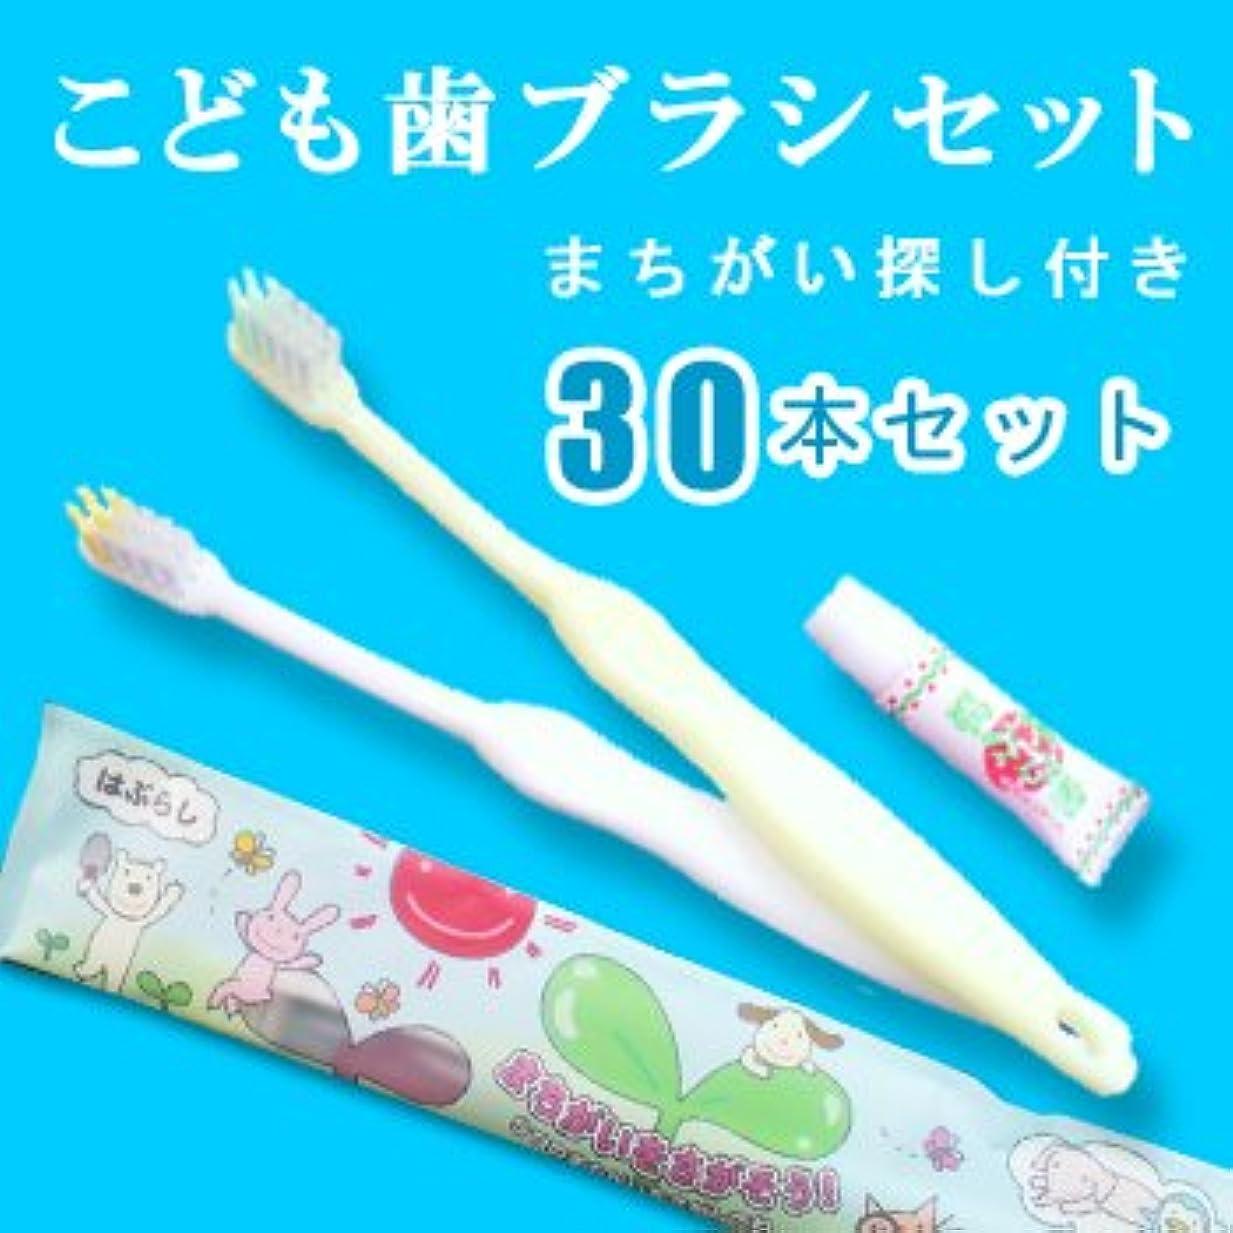 小数連邦非アクティブこども歯ブラシ いちご味の歯磨き粉3gチューブ付 ホワイト?イエロー各15本アソート(1セット30本)